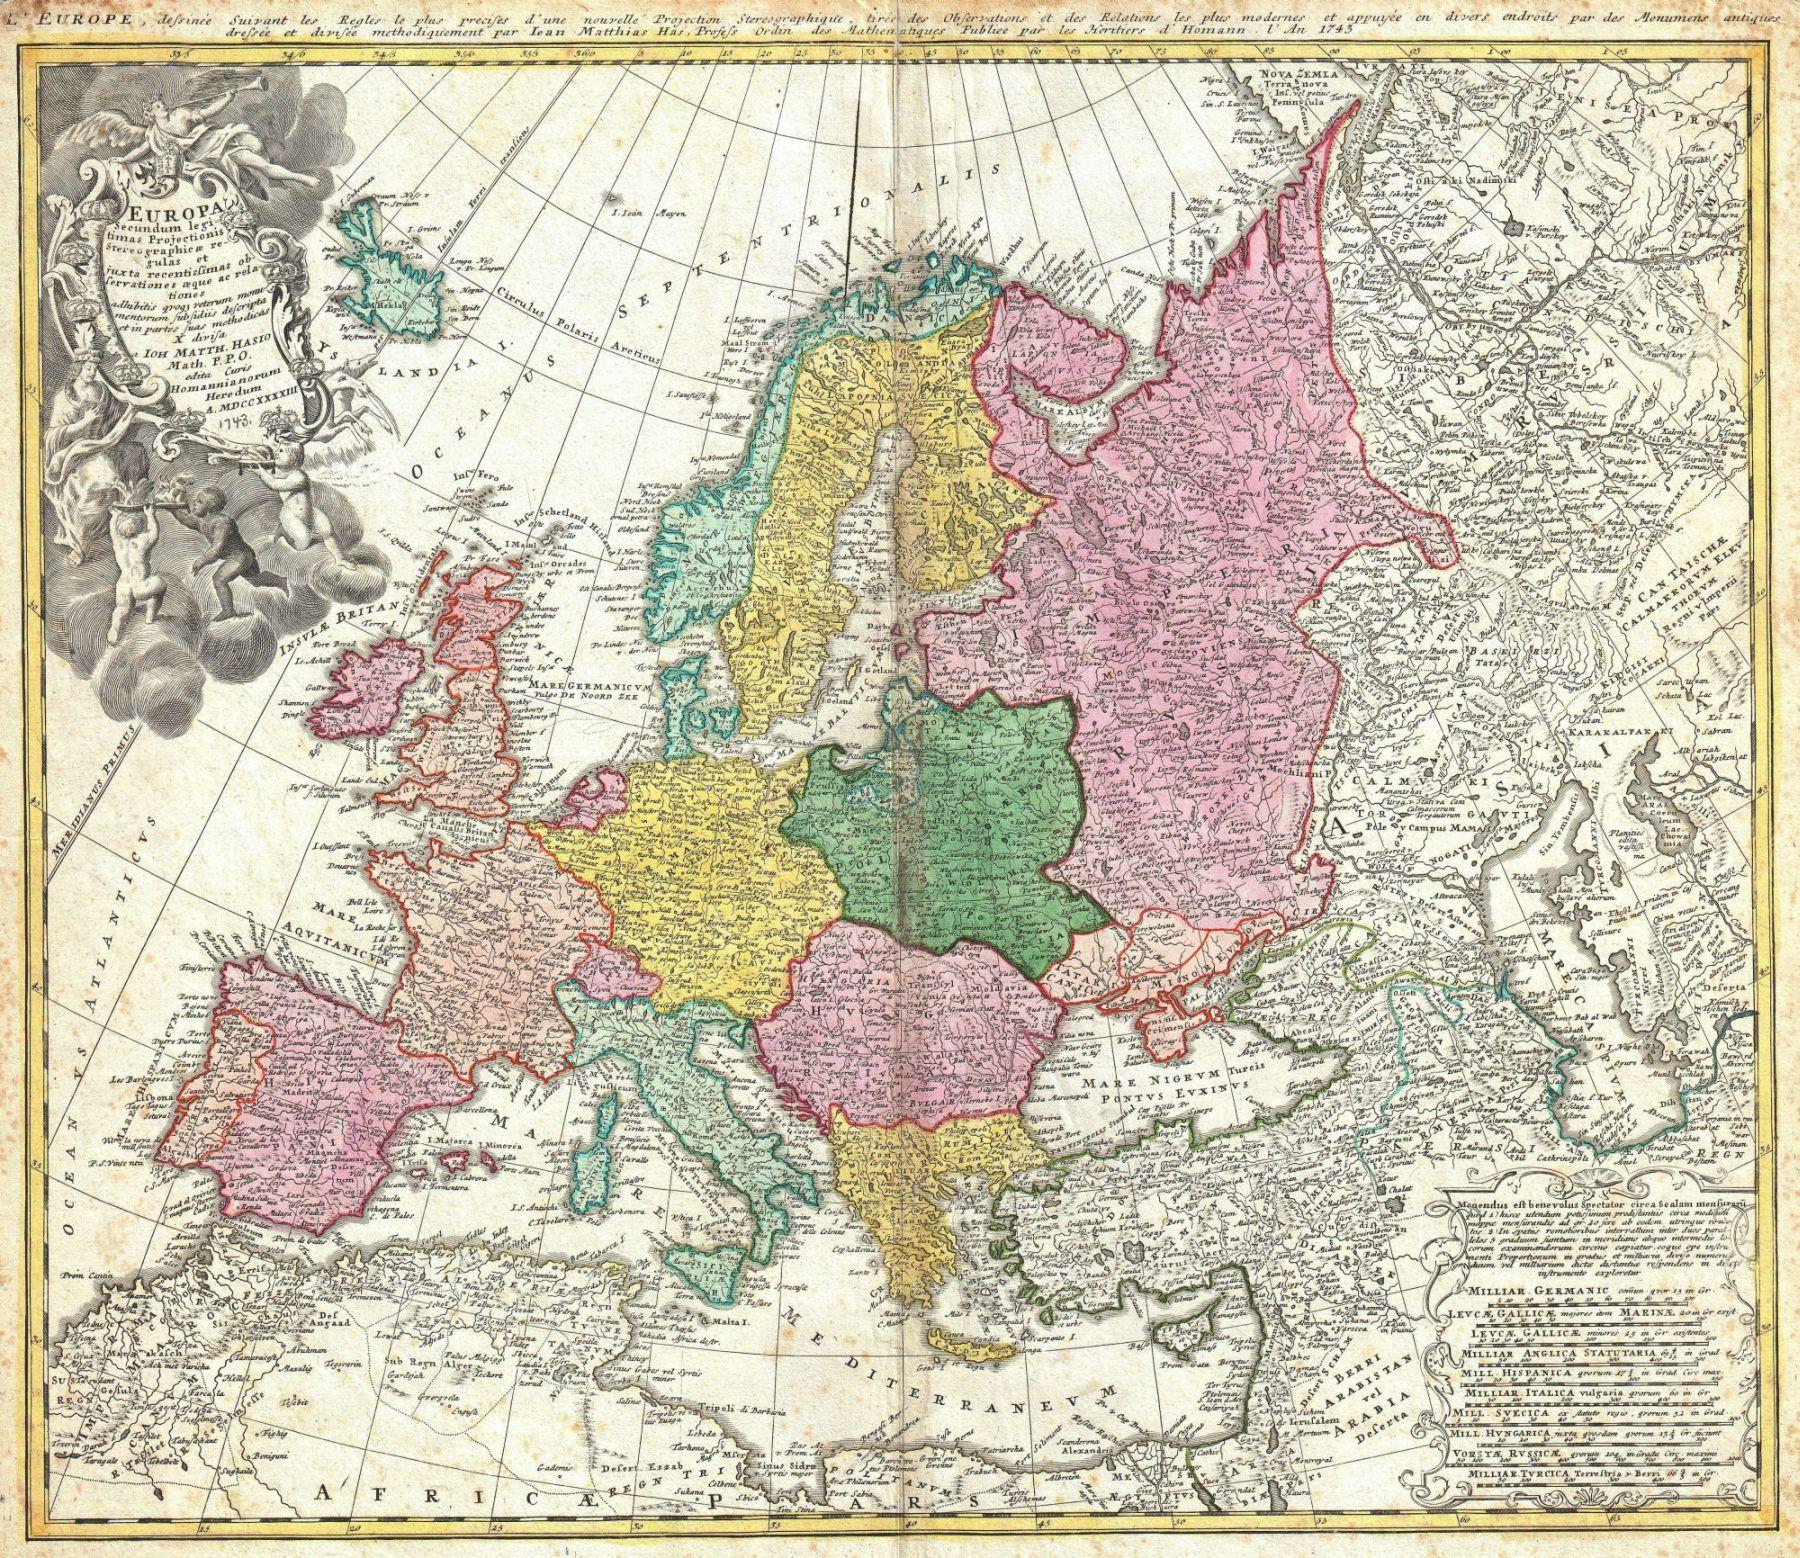 خريطة لأسكندنافيا. من رسم الجغرافي ورسام خرائط الألماني يوهان بابتيست هومان (1664 - 1724) ، مؤرخة من 1715. المصدر ويكيبيديا